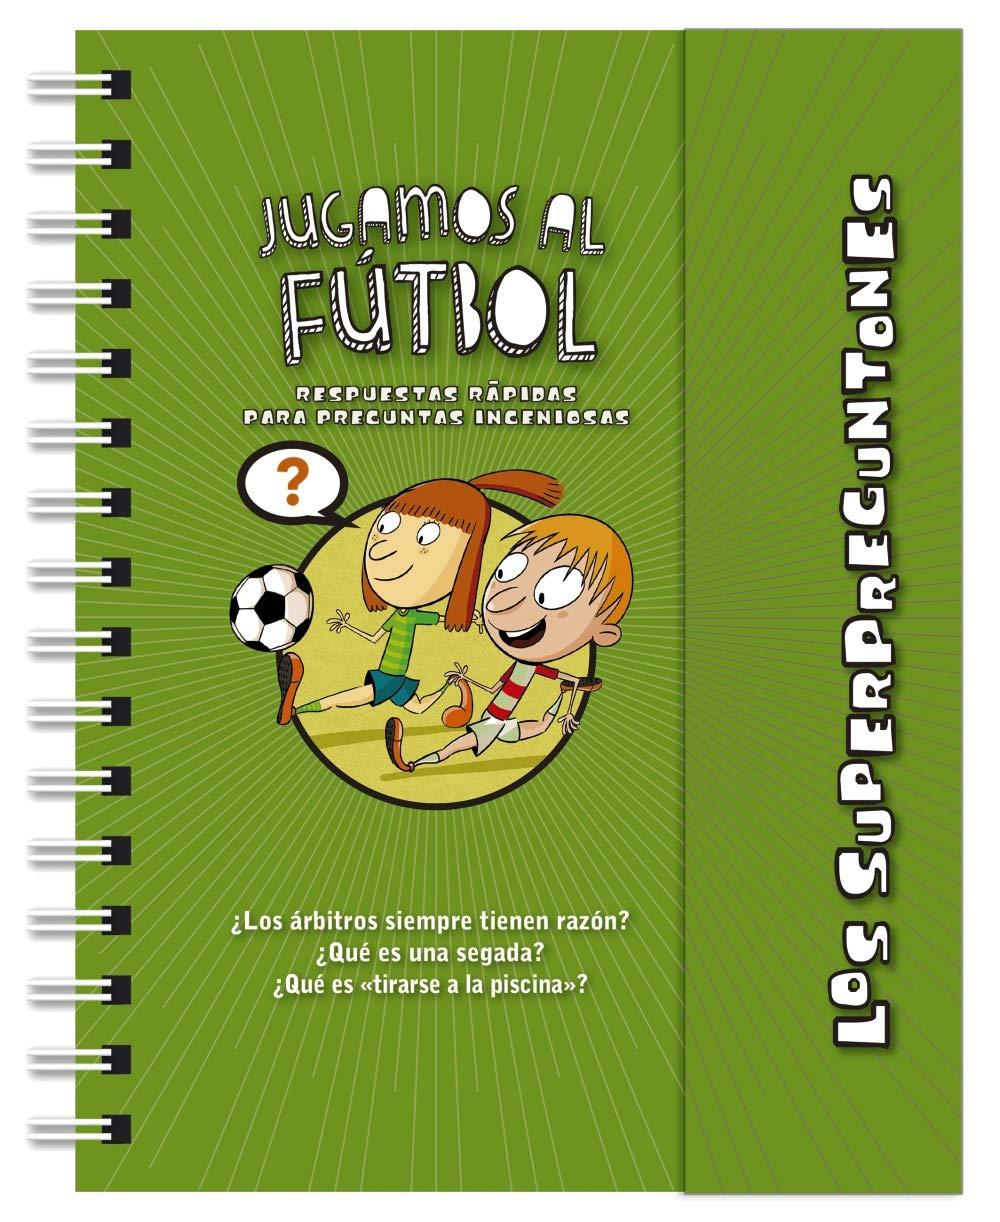 Los superpreguntones. Jugamos al fútbol Vox - Infantil / Juvenil - Castellano - A Partir De 5/6 Años - Los Superpreguntones: Amazon.es: Vox Editorial, Aranda Recasens, Ricard: Libros